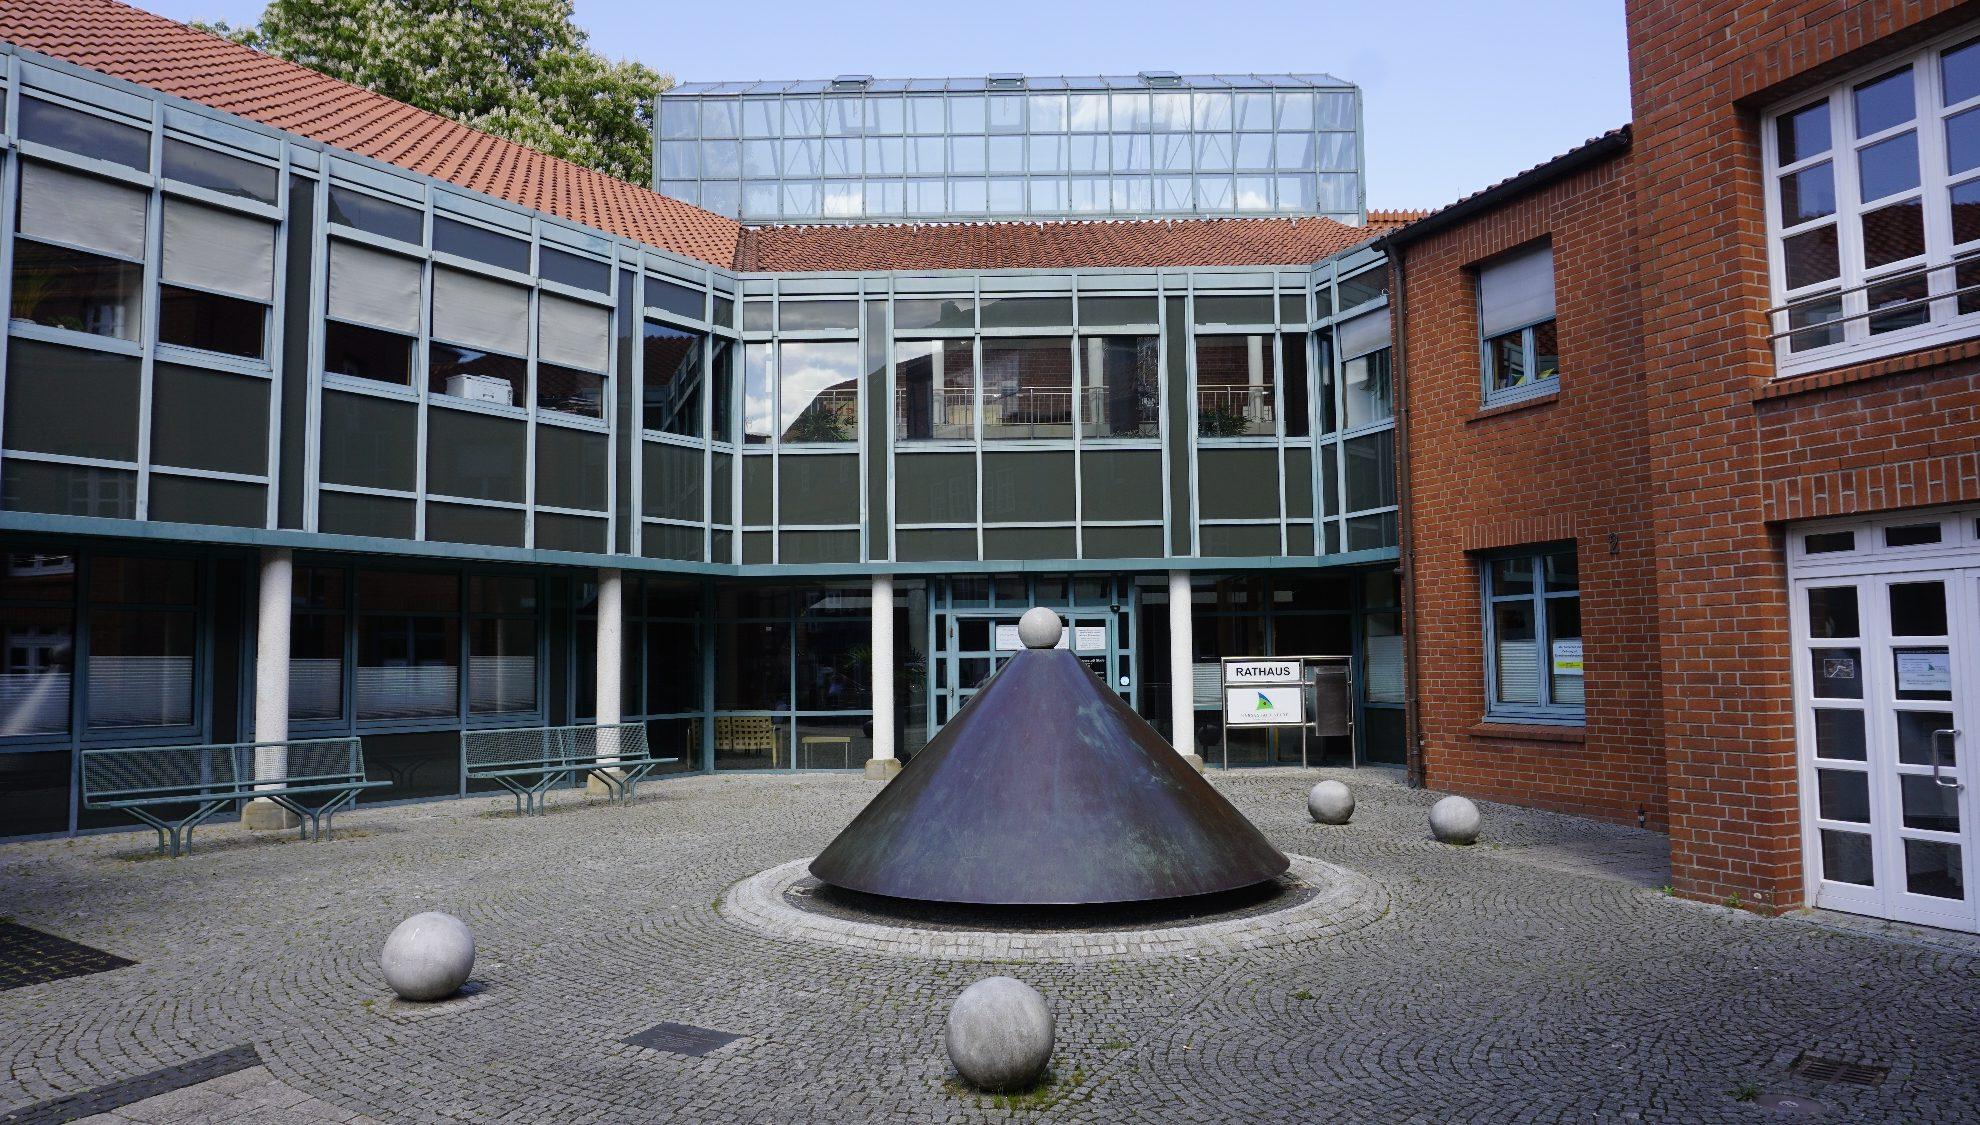 Rathaus Stade, Neubau Haupteingang